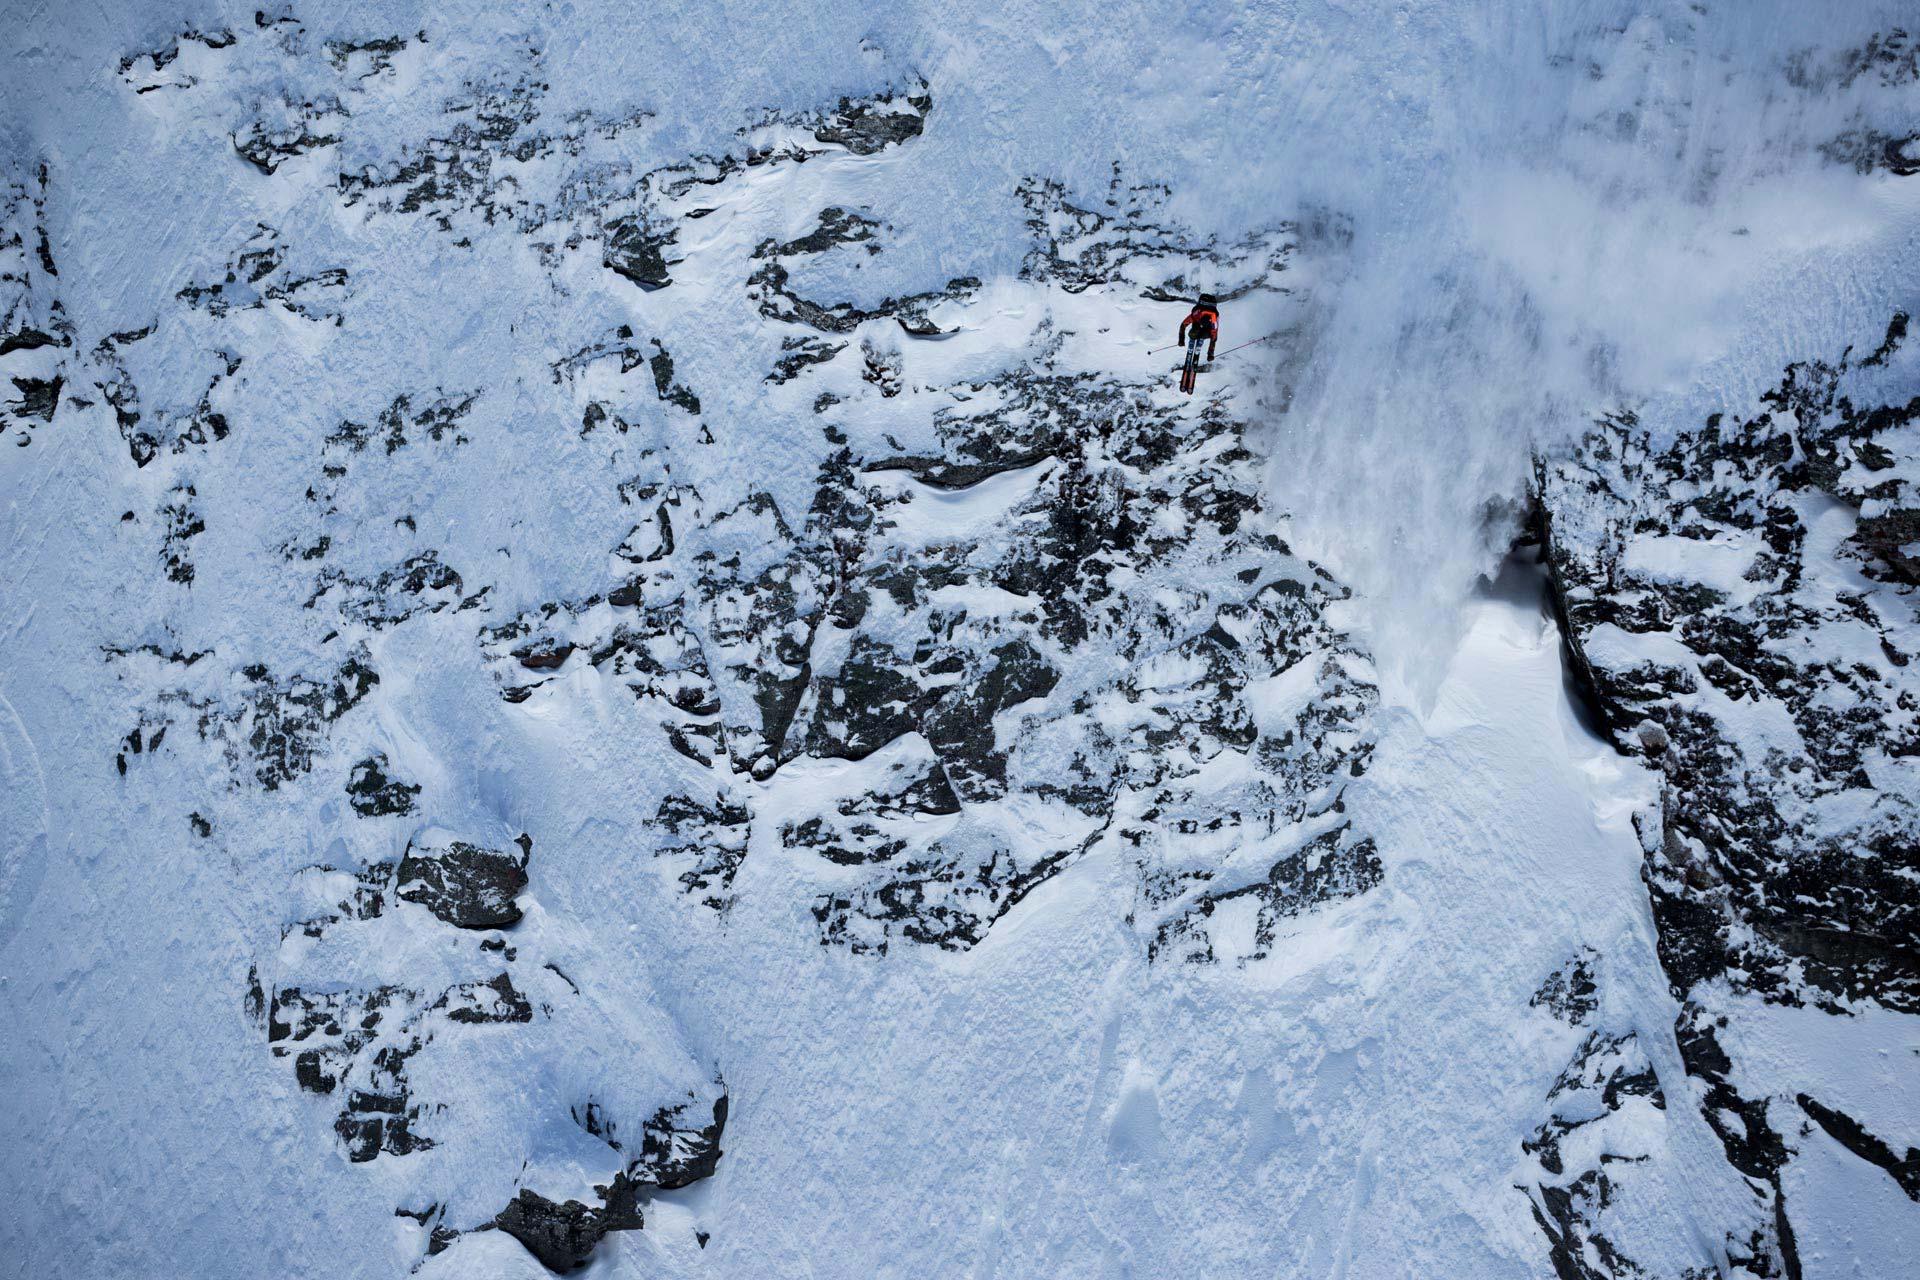 Die Rider droppten einige richtig heftige Cliffs - Foto: J. Bernard